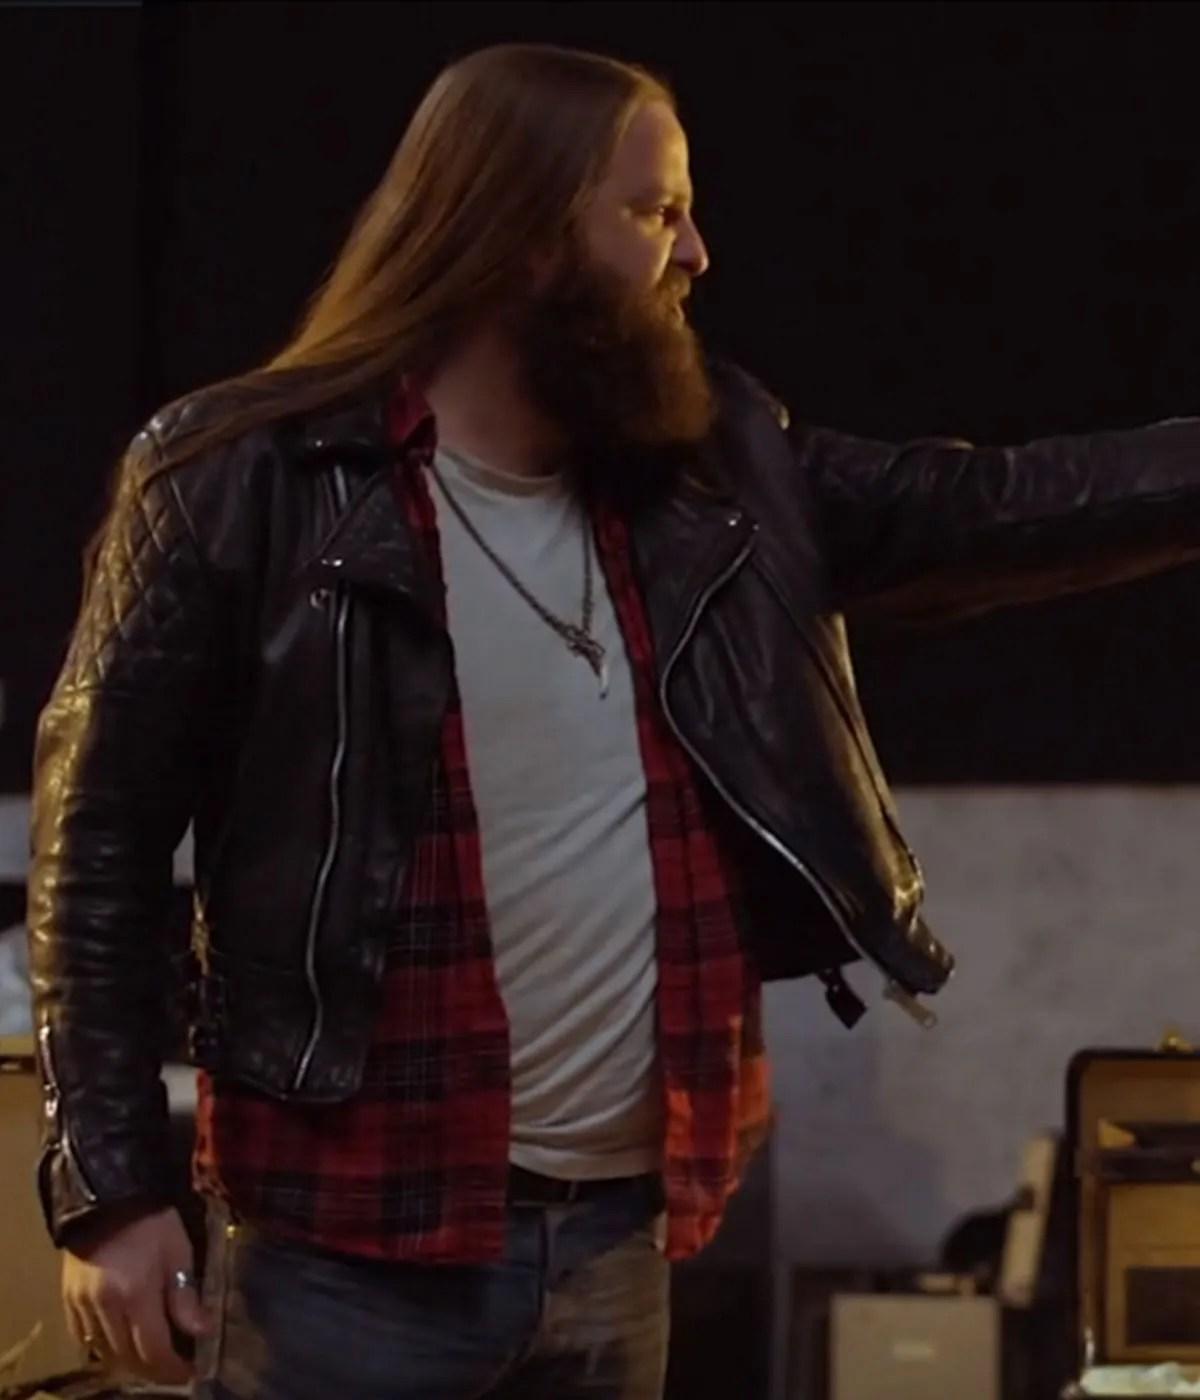 jay-graham-oapi-leather-jacket